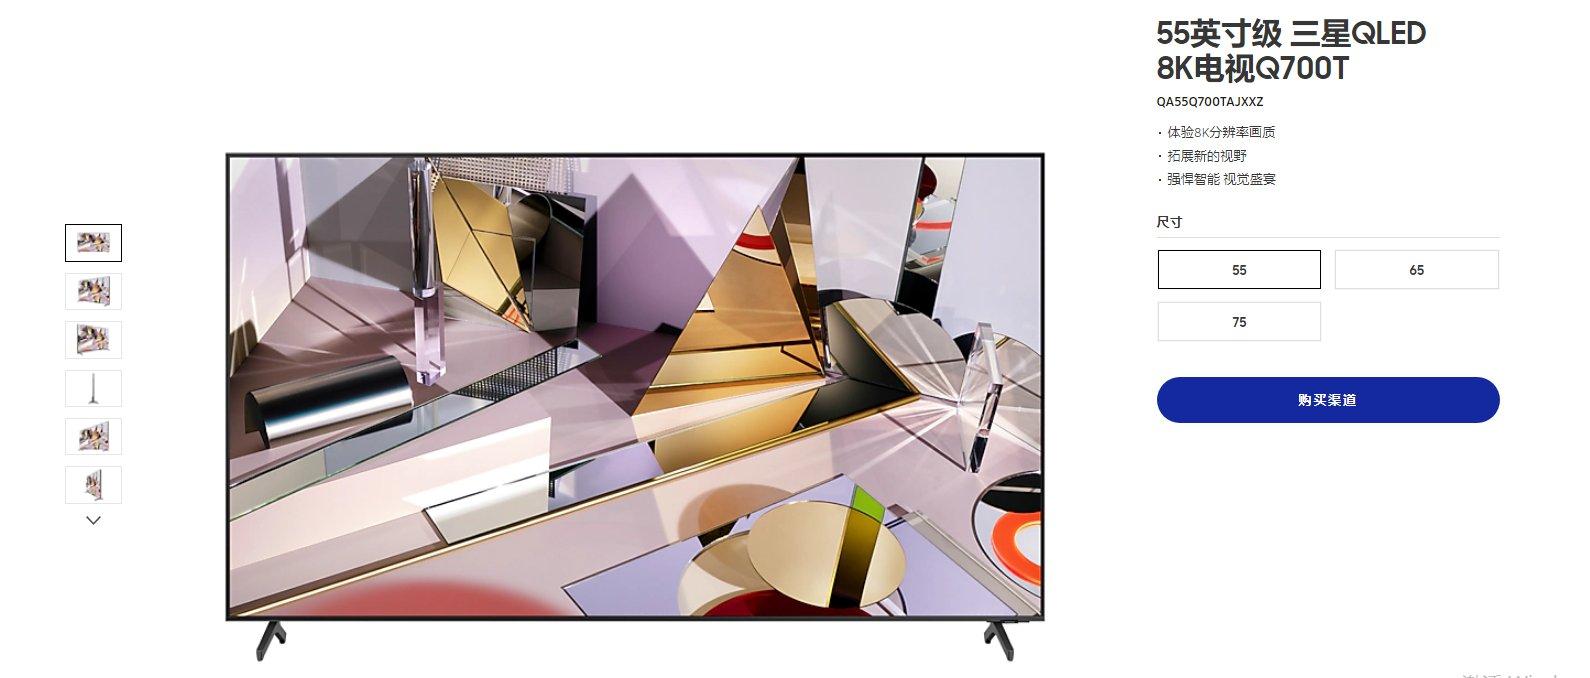 三星Q700T QLED 8K系列电视登陆国内市场 售价13999元起_-_热点资讯-货源百科88网